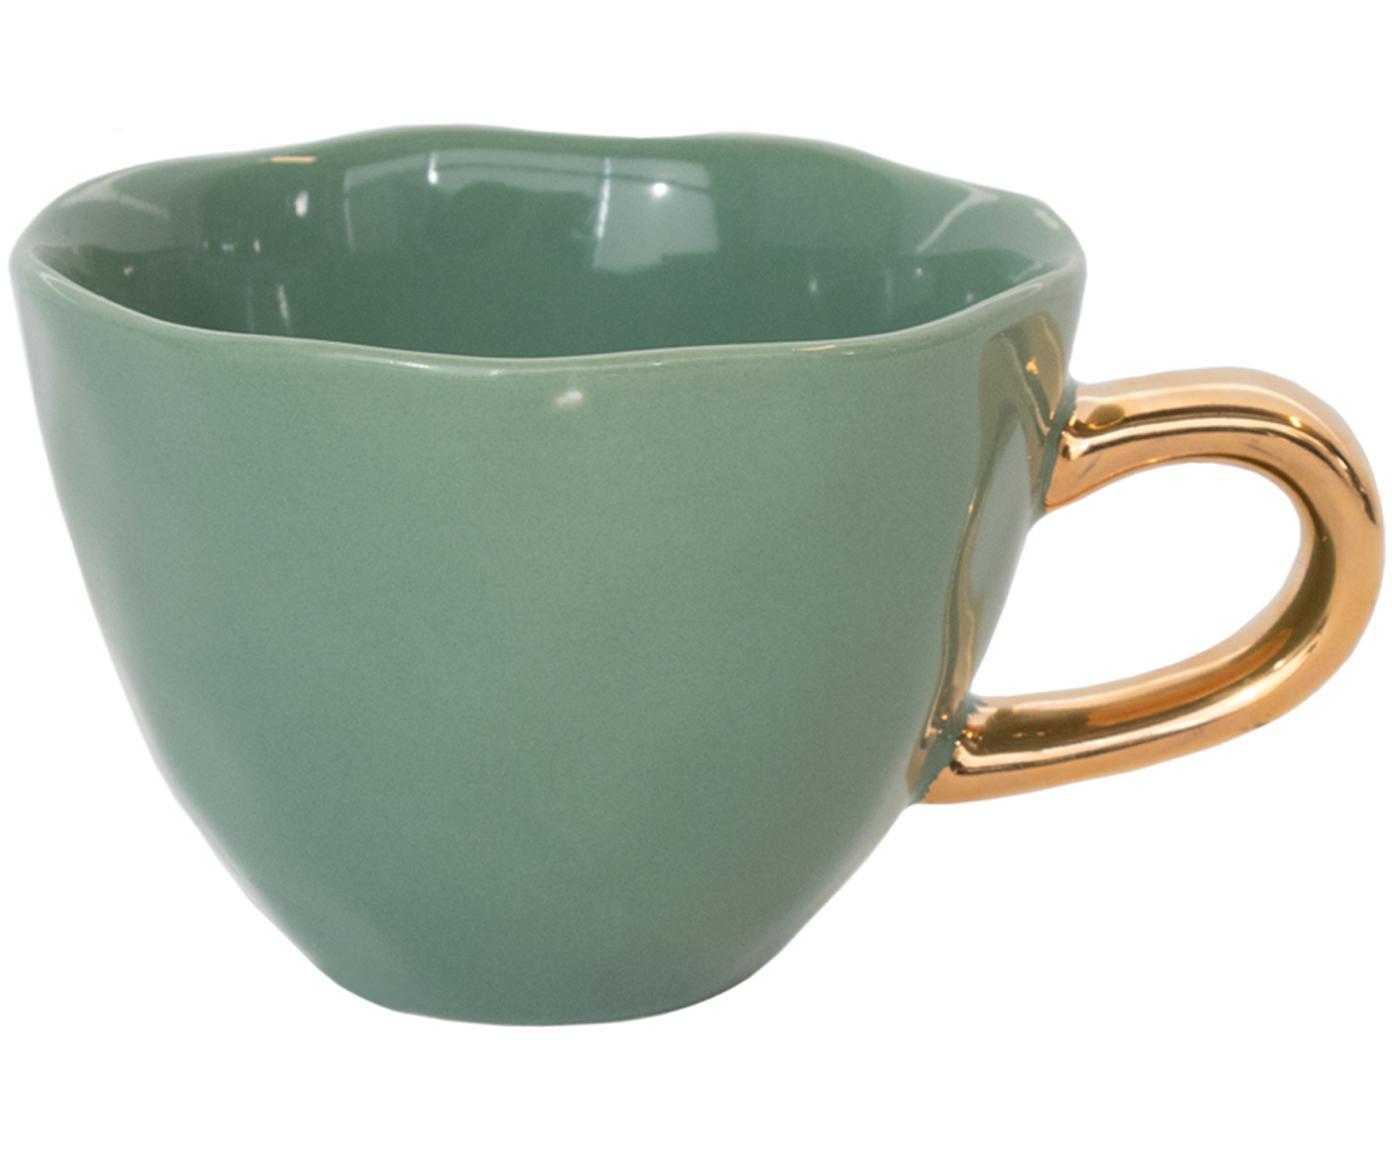 Taza de café Good Morning, Gres, Verde oscuro, dorado, Ø 11 x Al 8 cm